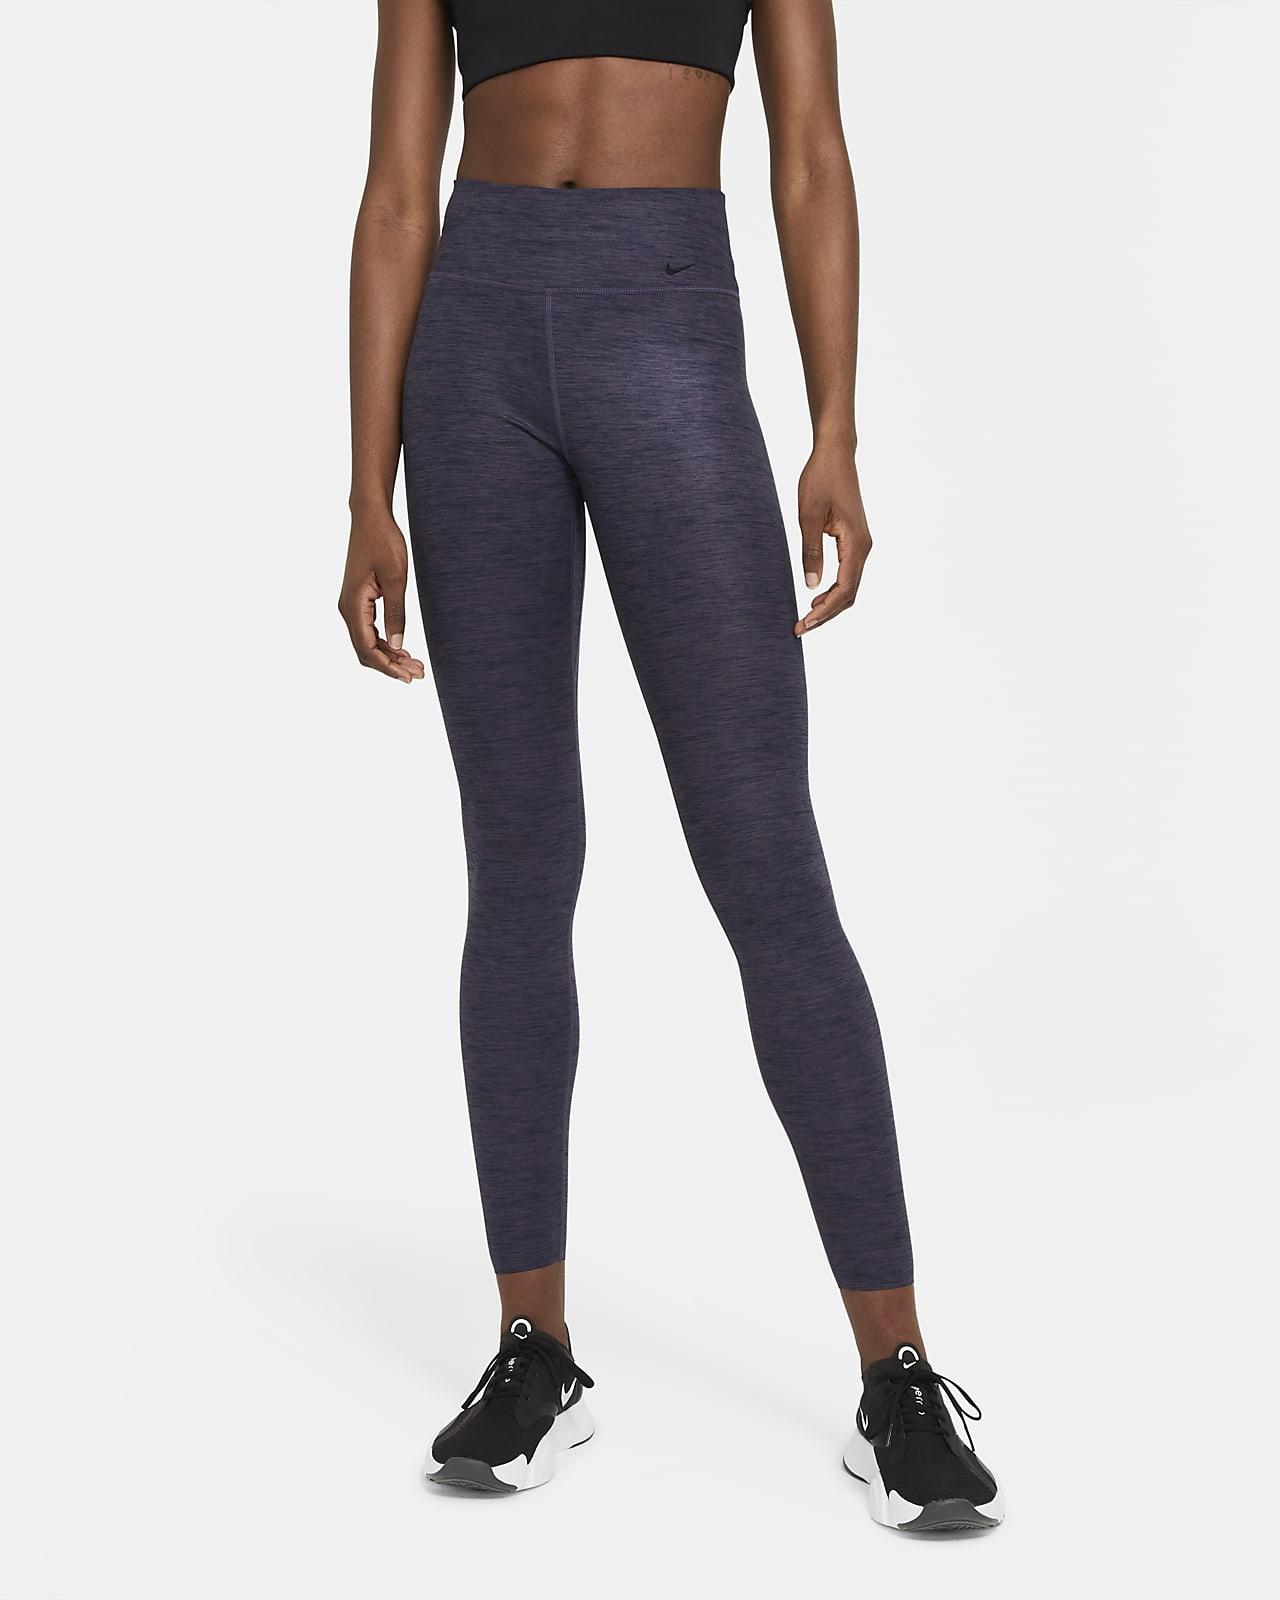 Nike One Luxe kevertszálas, középmagas derekú testhezálló női nadrág